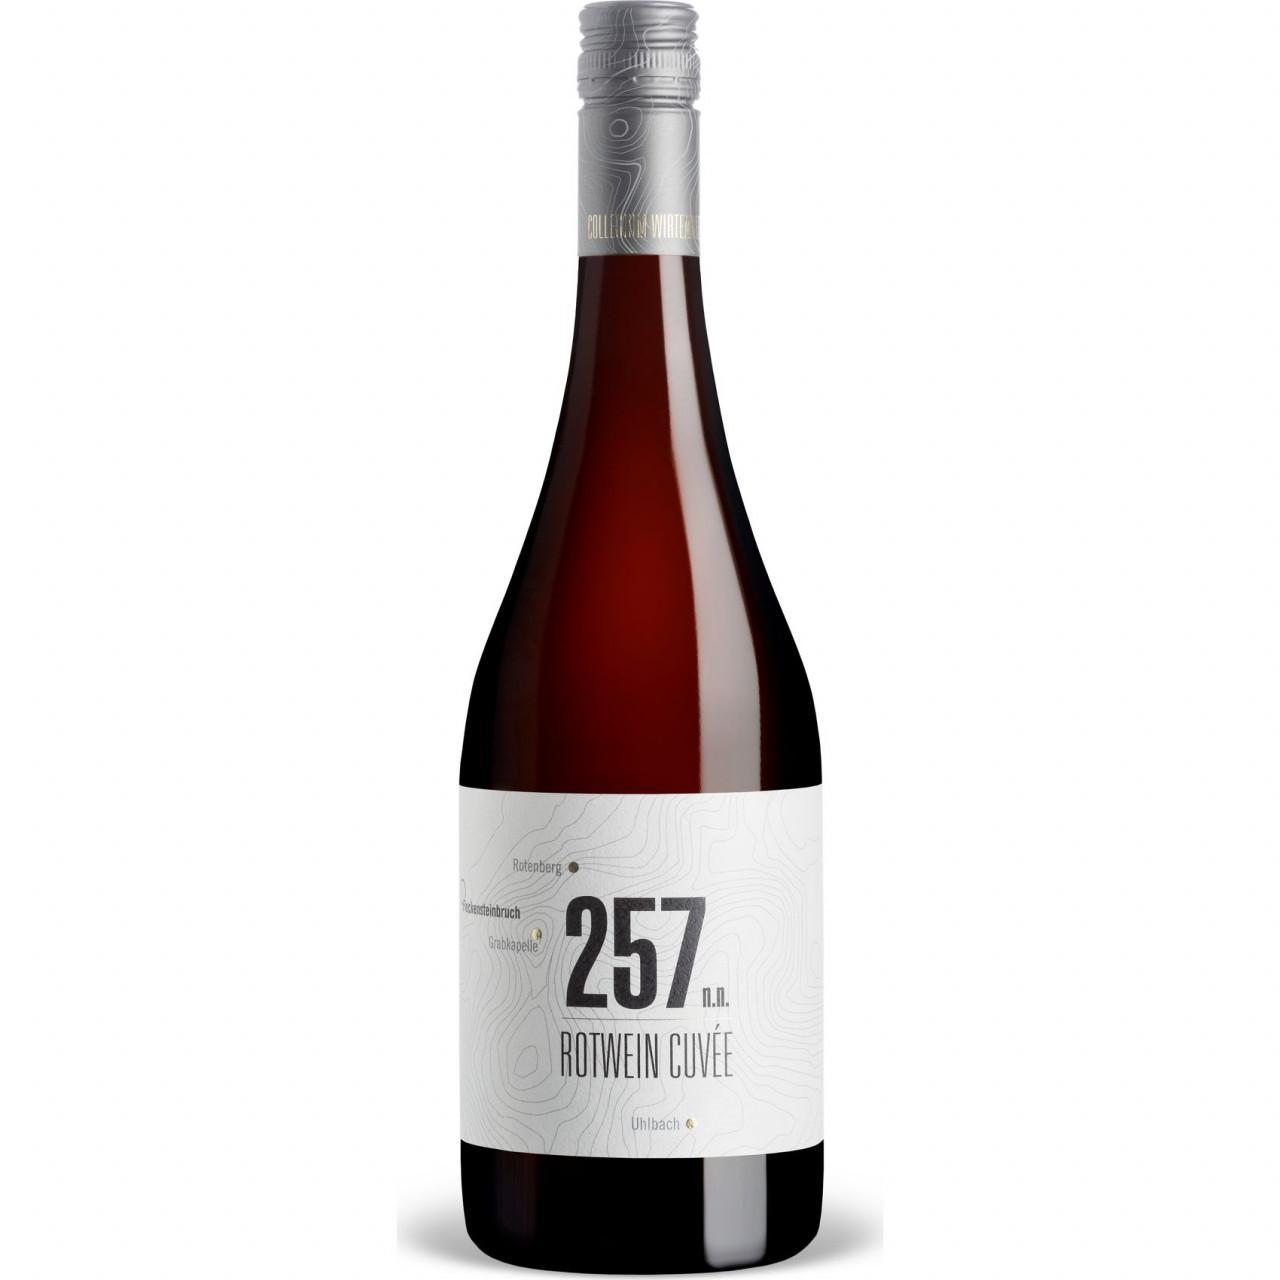 257 n.n. Rotwein-Cuveé trocken QbA 2018